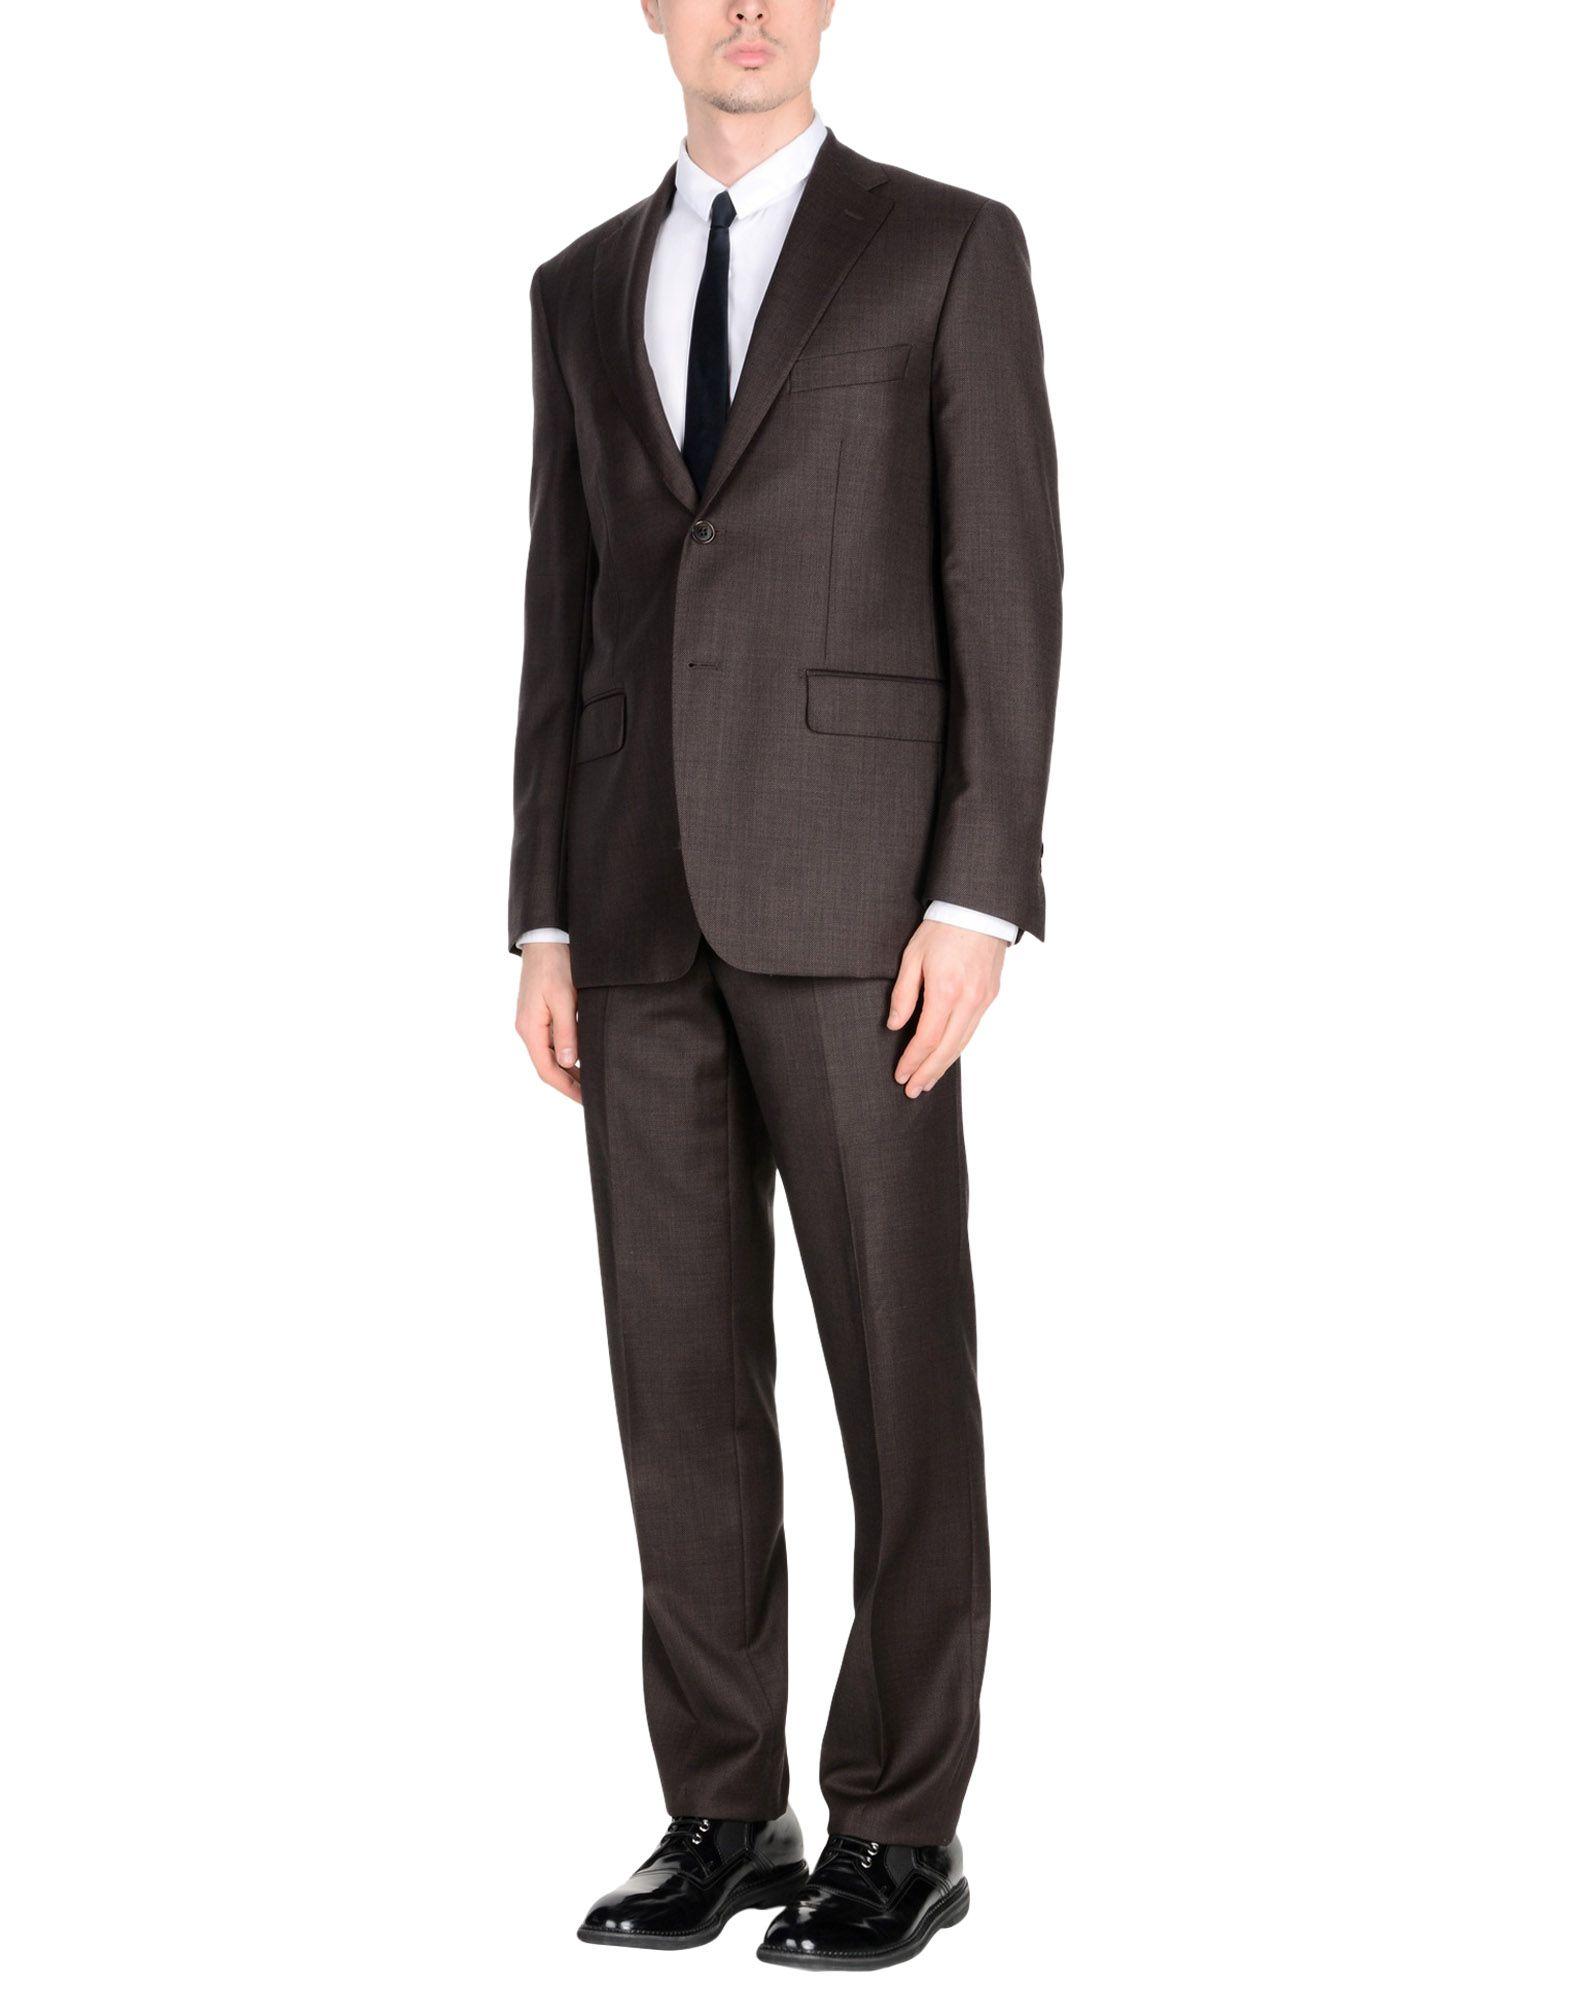 《送料無料》JASPER REED メンズ スーツ ダークブラウン 48 スーパー120 ウール